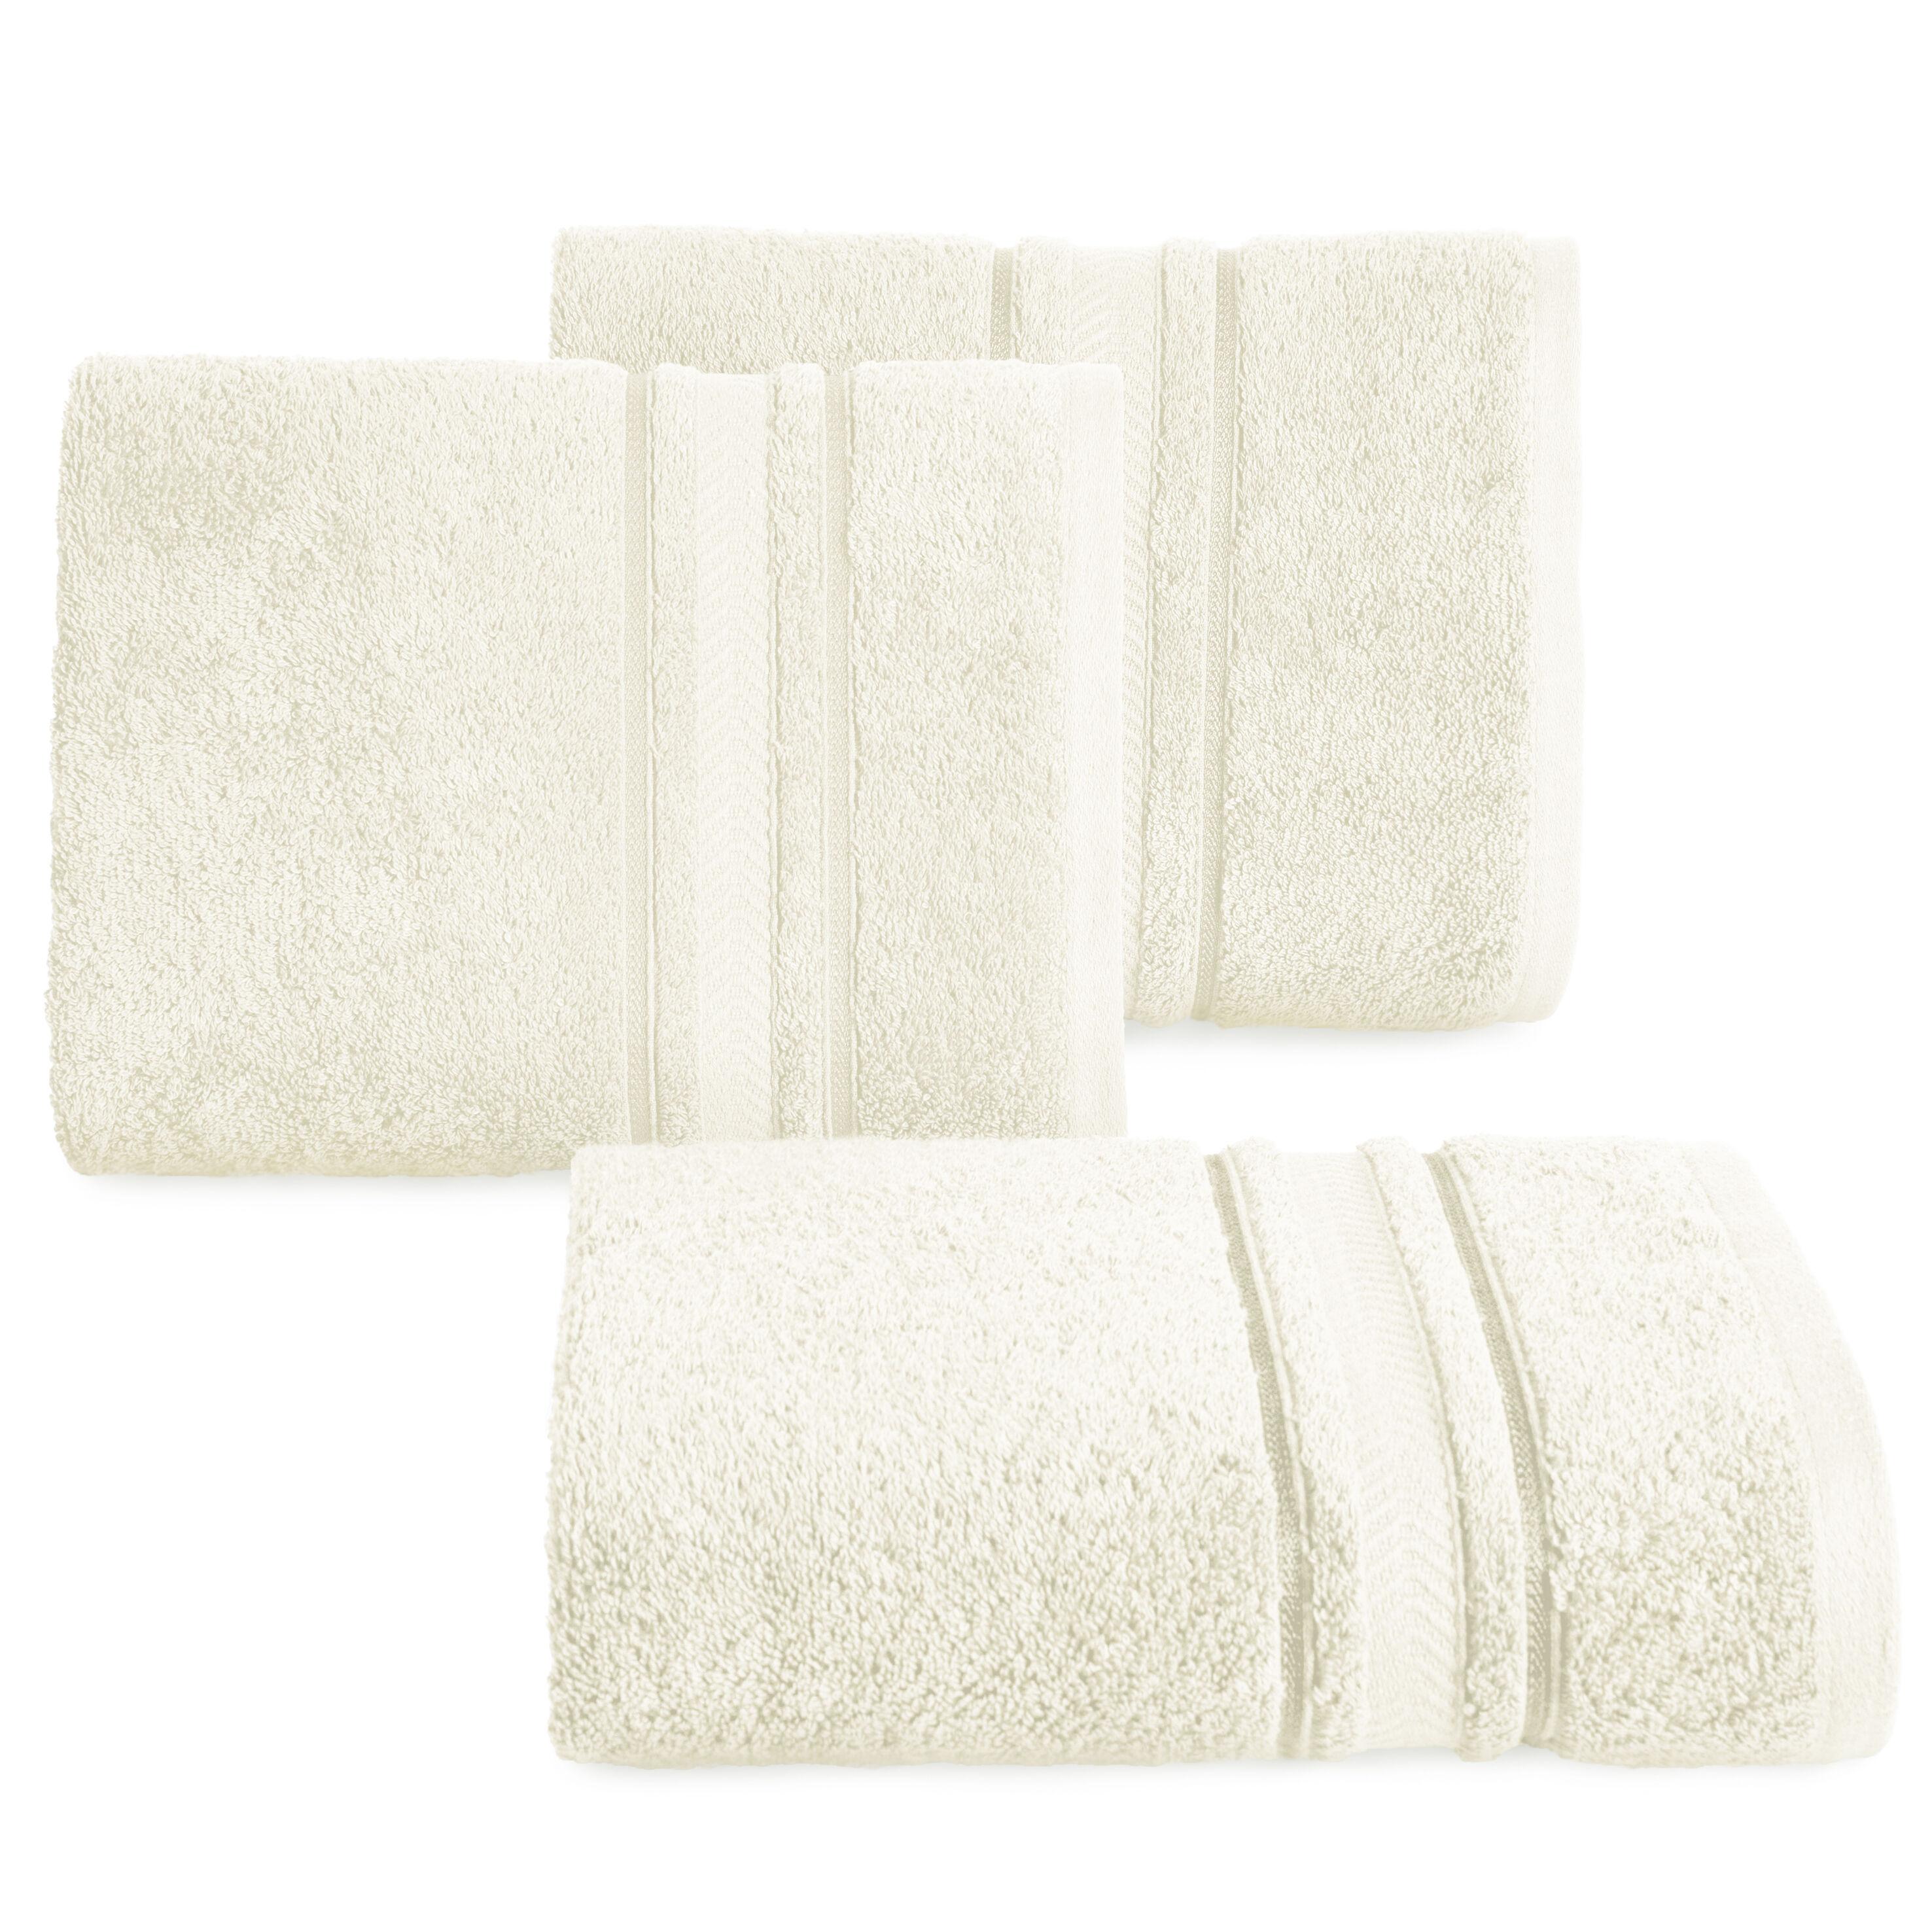 Ręcznik Nefre 50x90 kremowy frotte z bawełny egipskiej 550g/m2